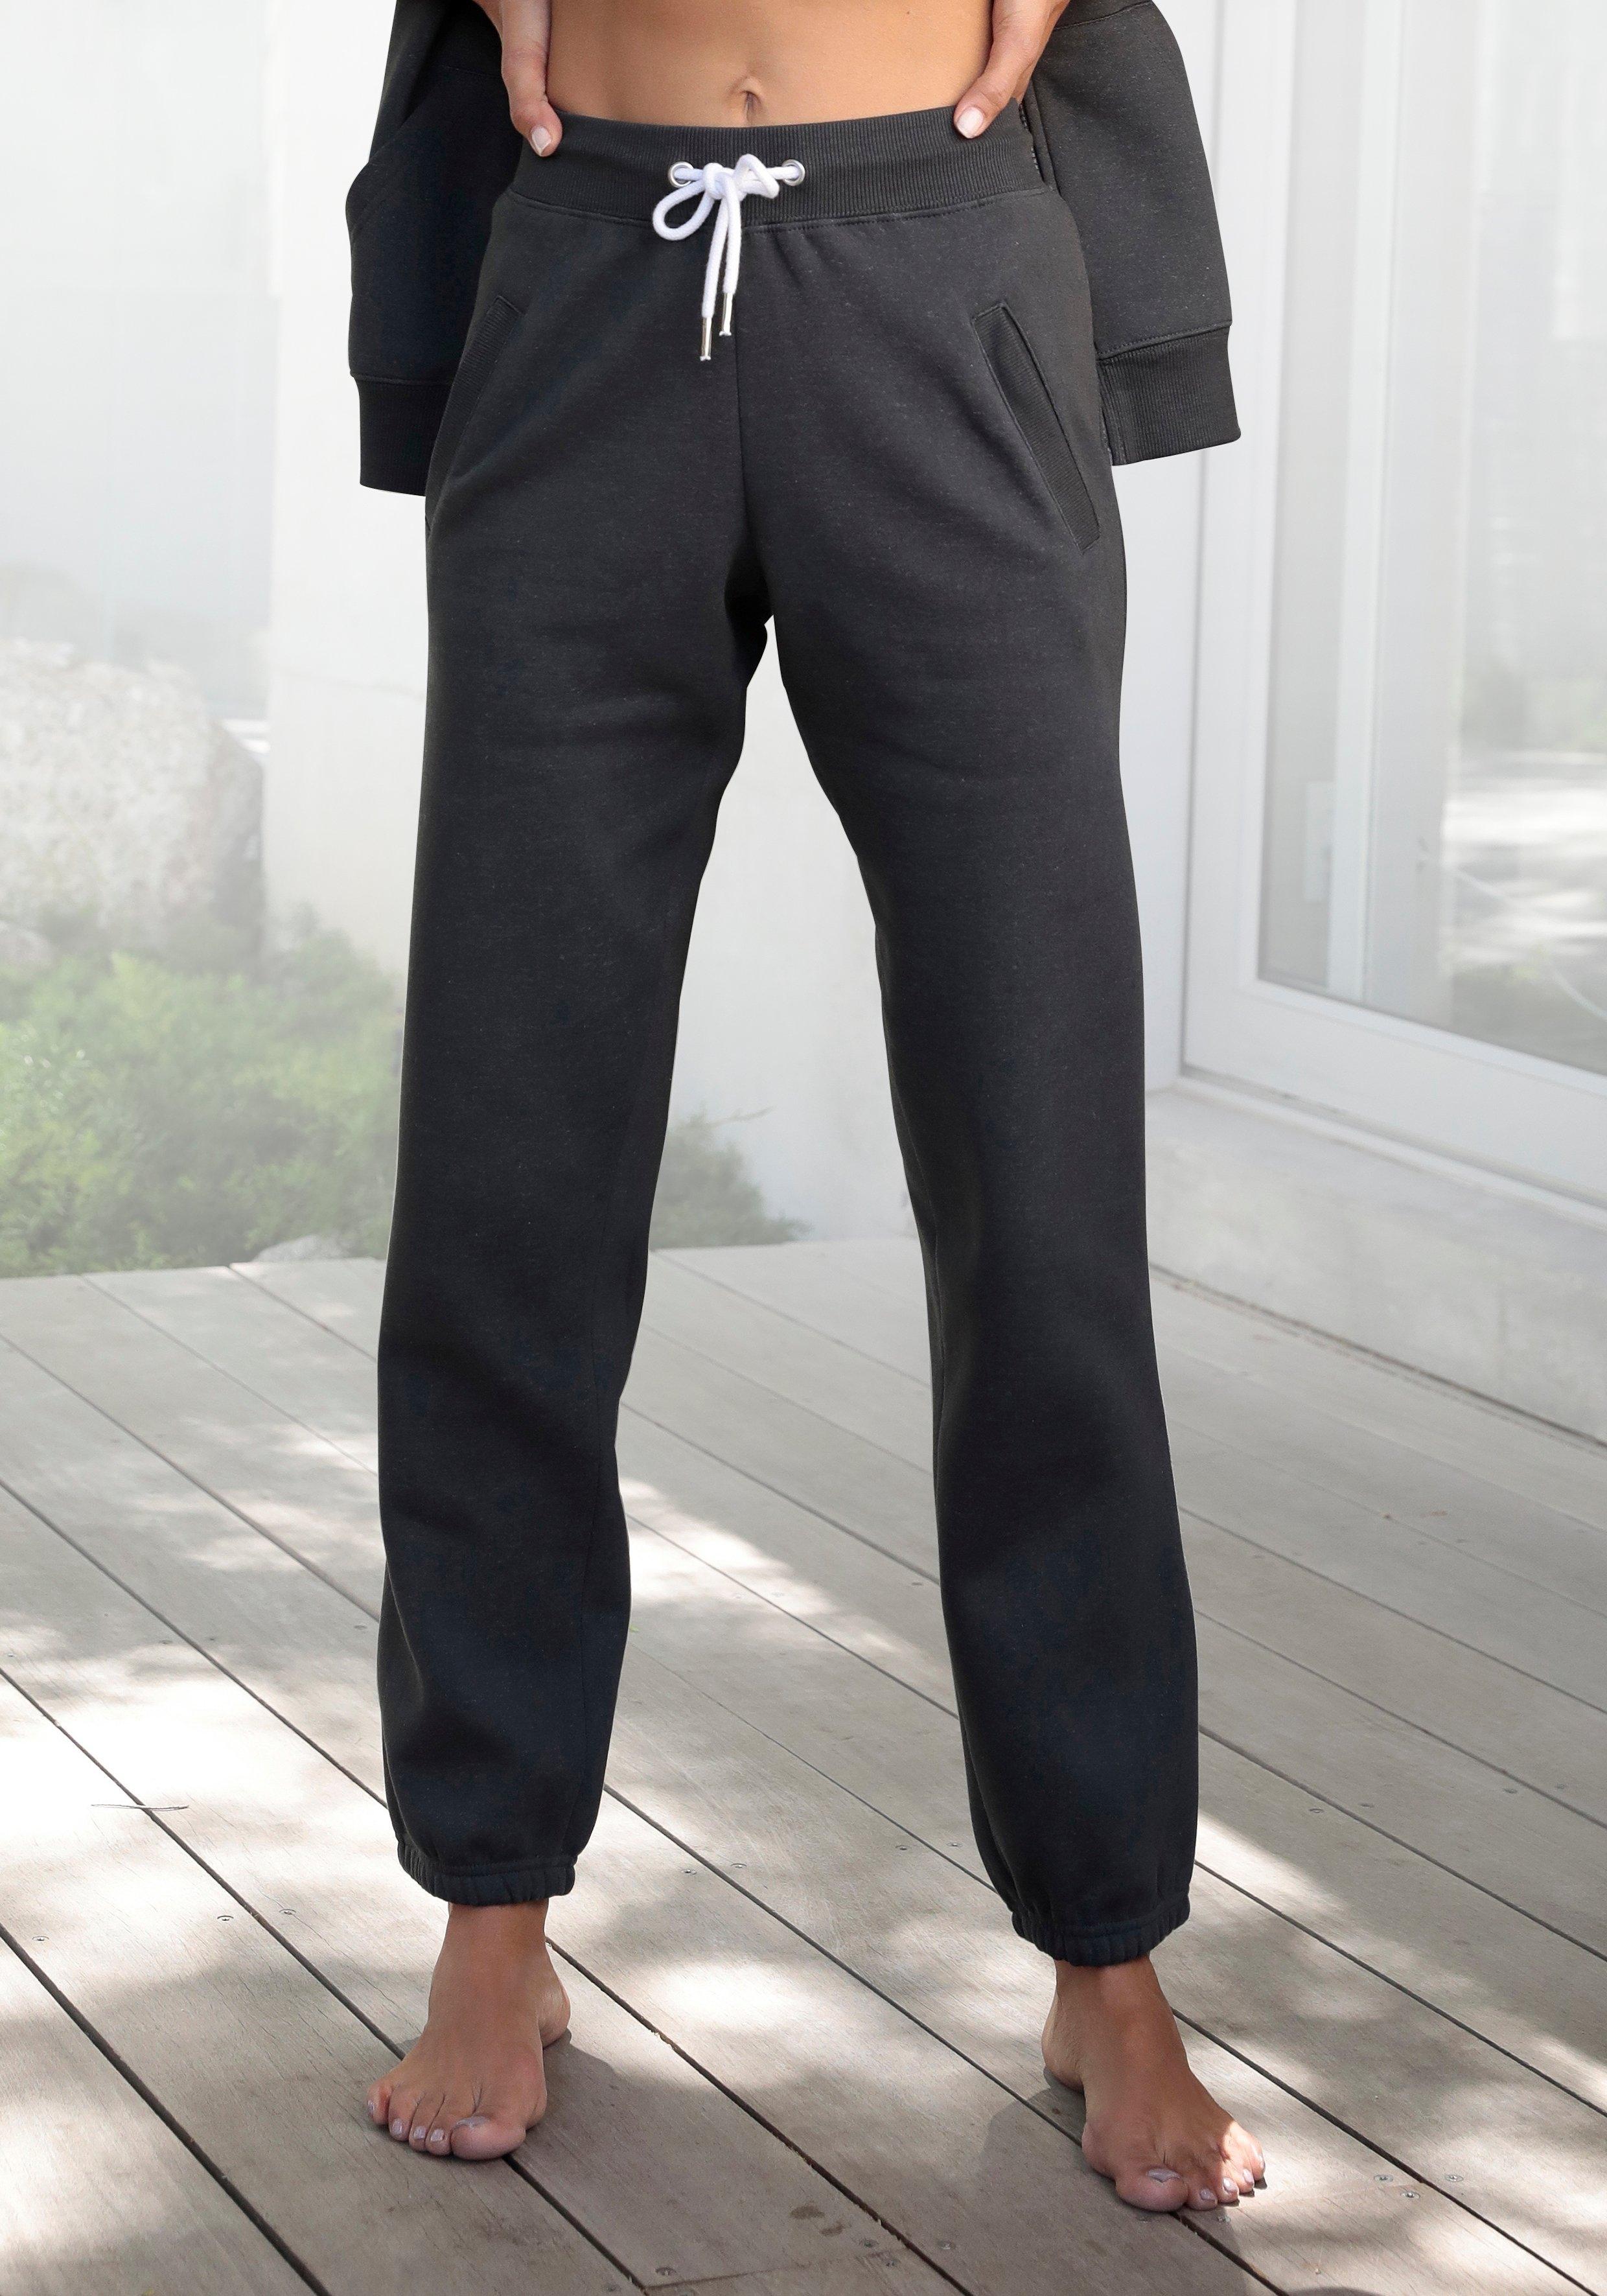 Op zoek naar een H.I.S sweatbroek? Koop online bij Lascana